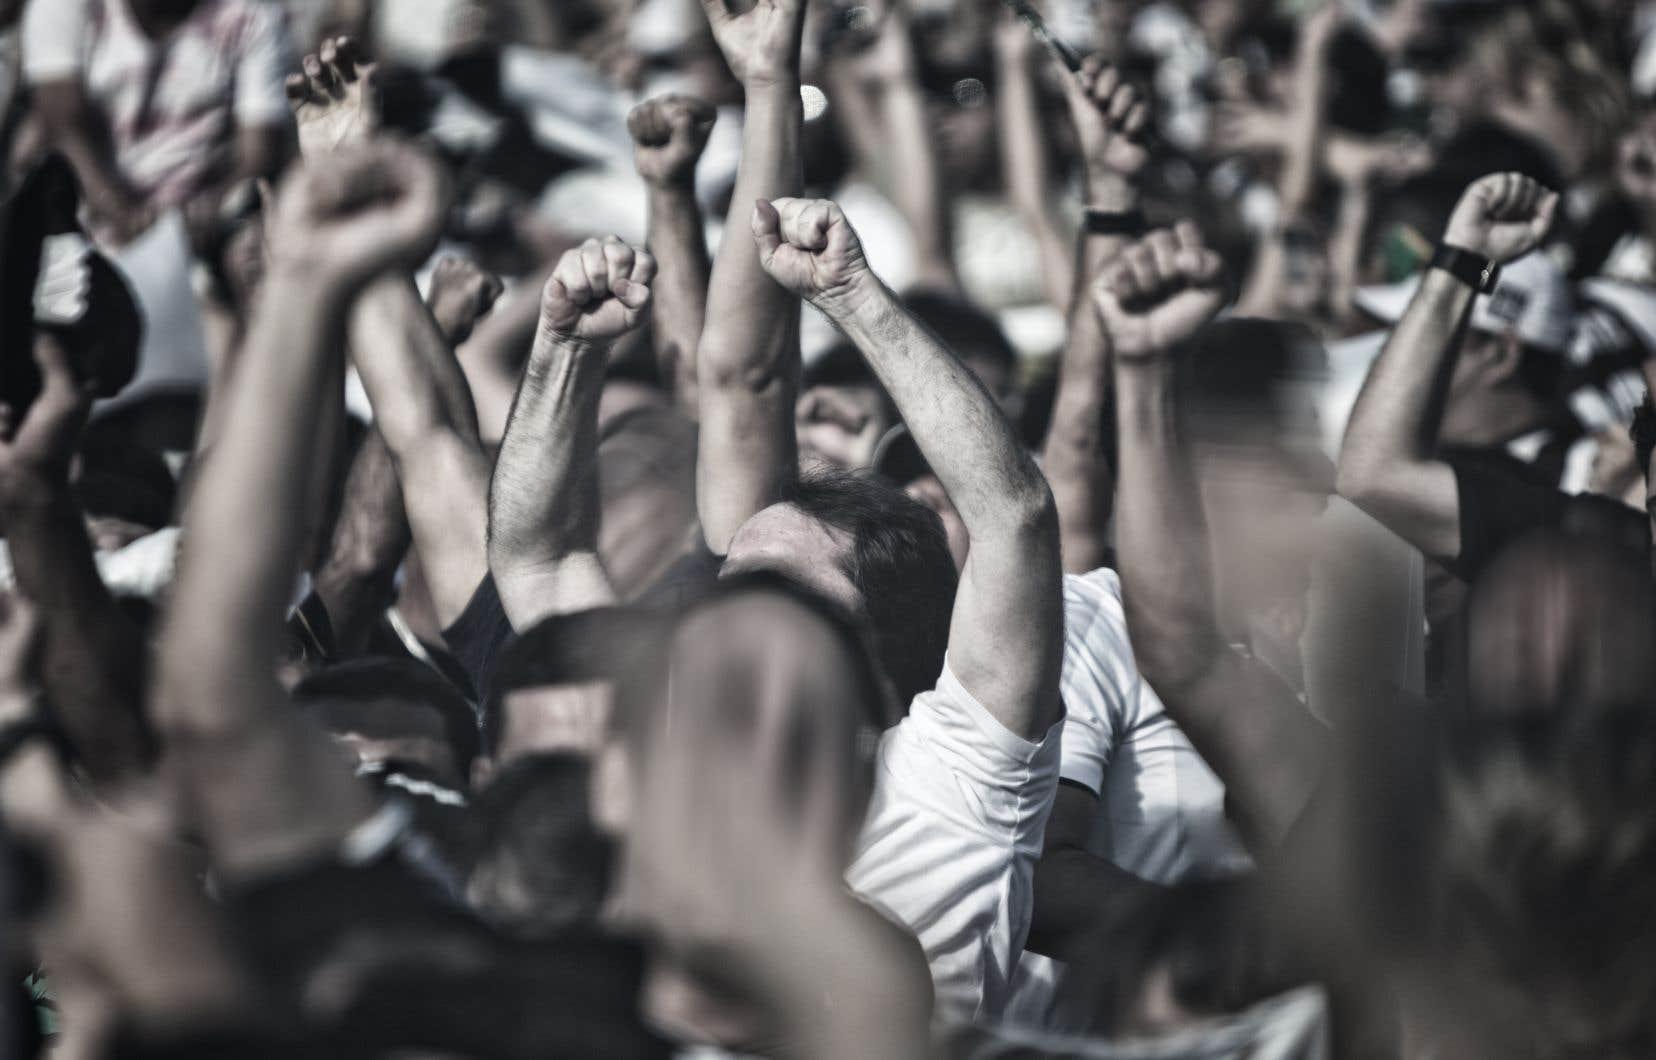 «Il faudra des lois, certes, mais surtout une mobilisation des différents acteurs du milieu sportif dans la mise en place de conduites favorables à la pratique sportive pacifique», estime la directrice générale de l'Institut Pacifique, Shirlane Day.